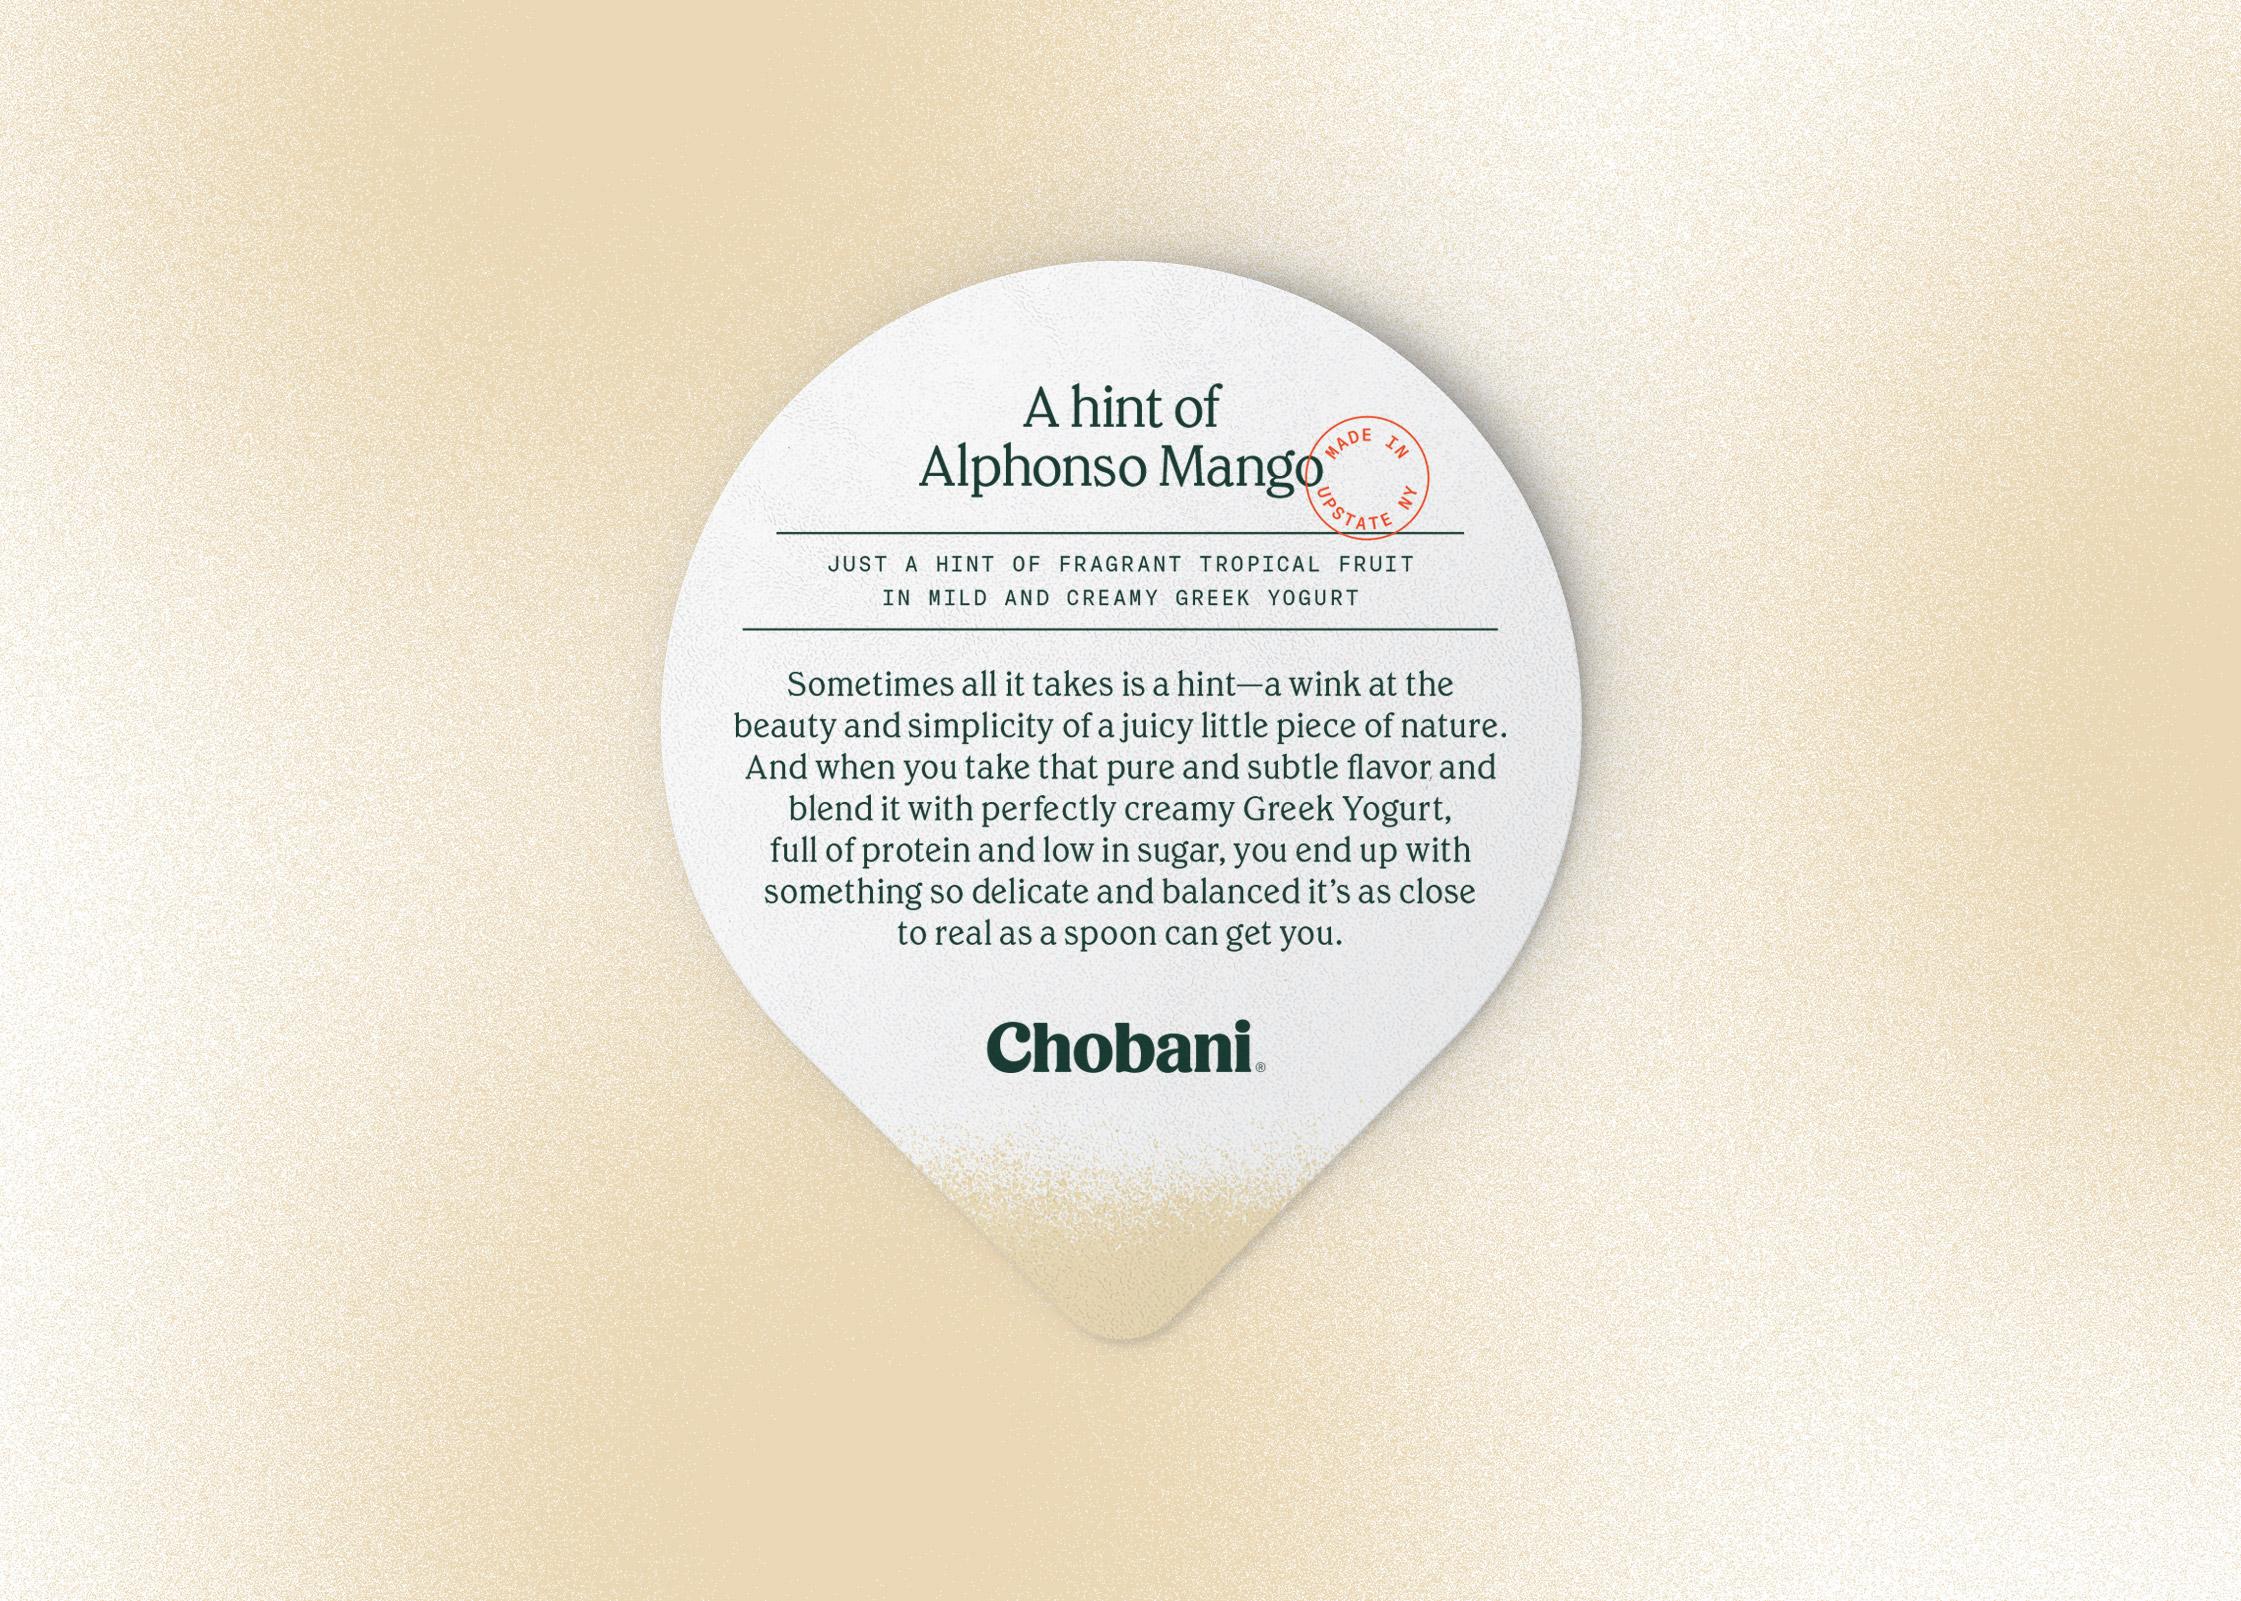 Chobani® A hint of Alphonso Mango